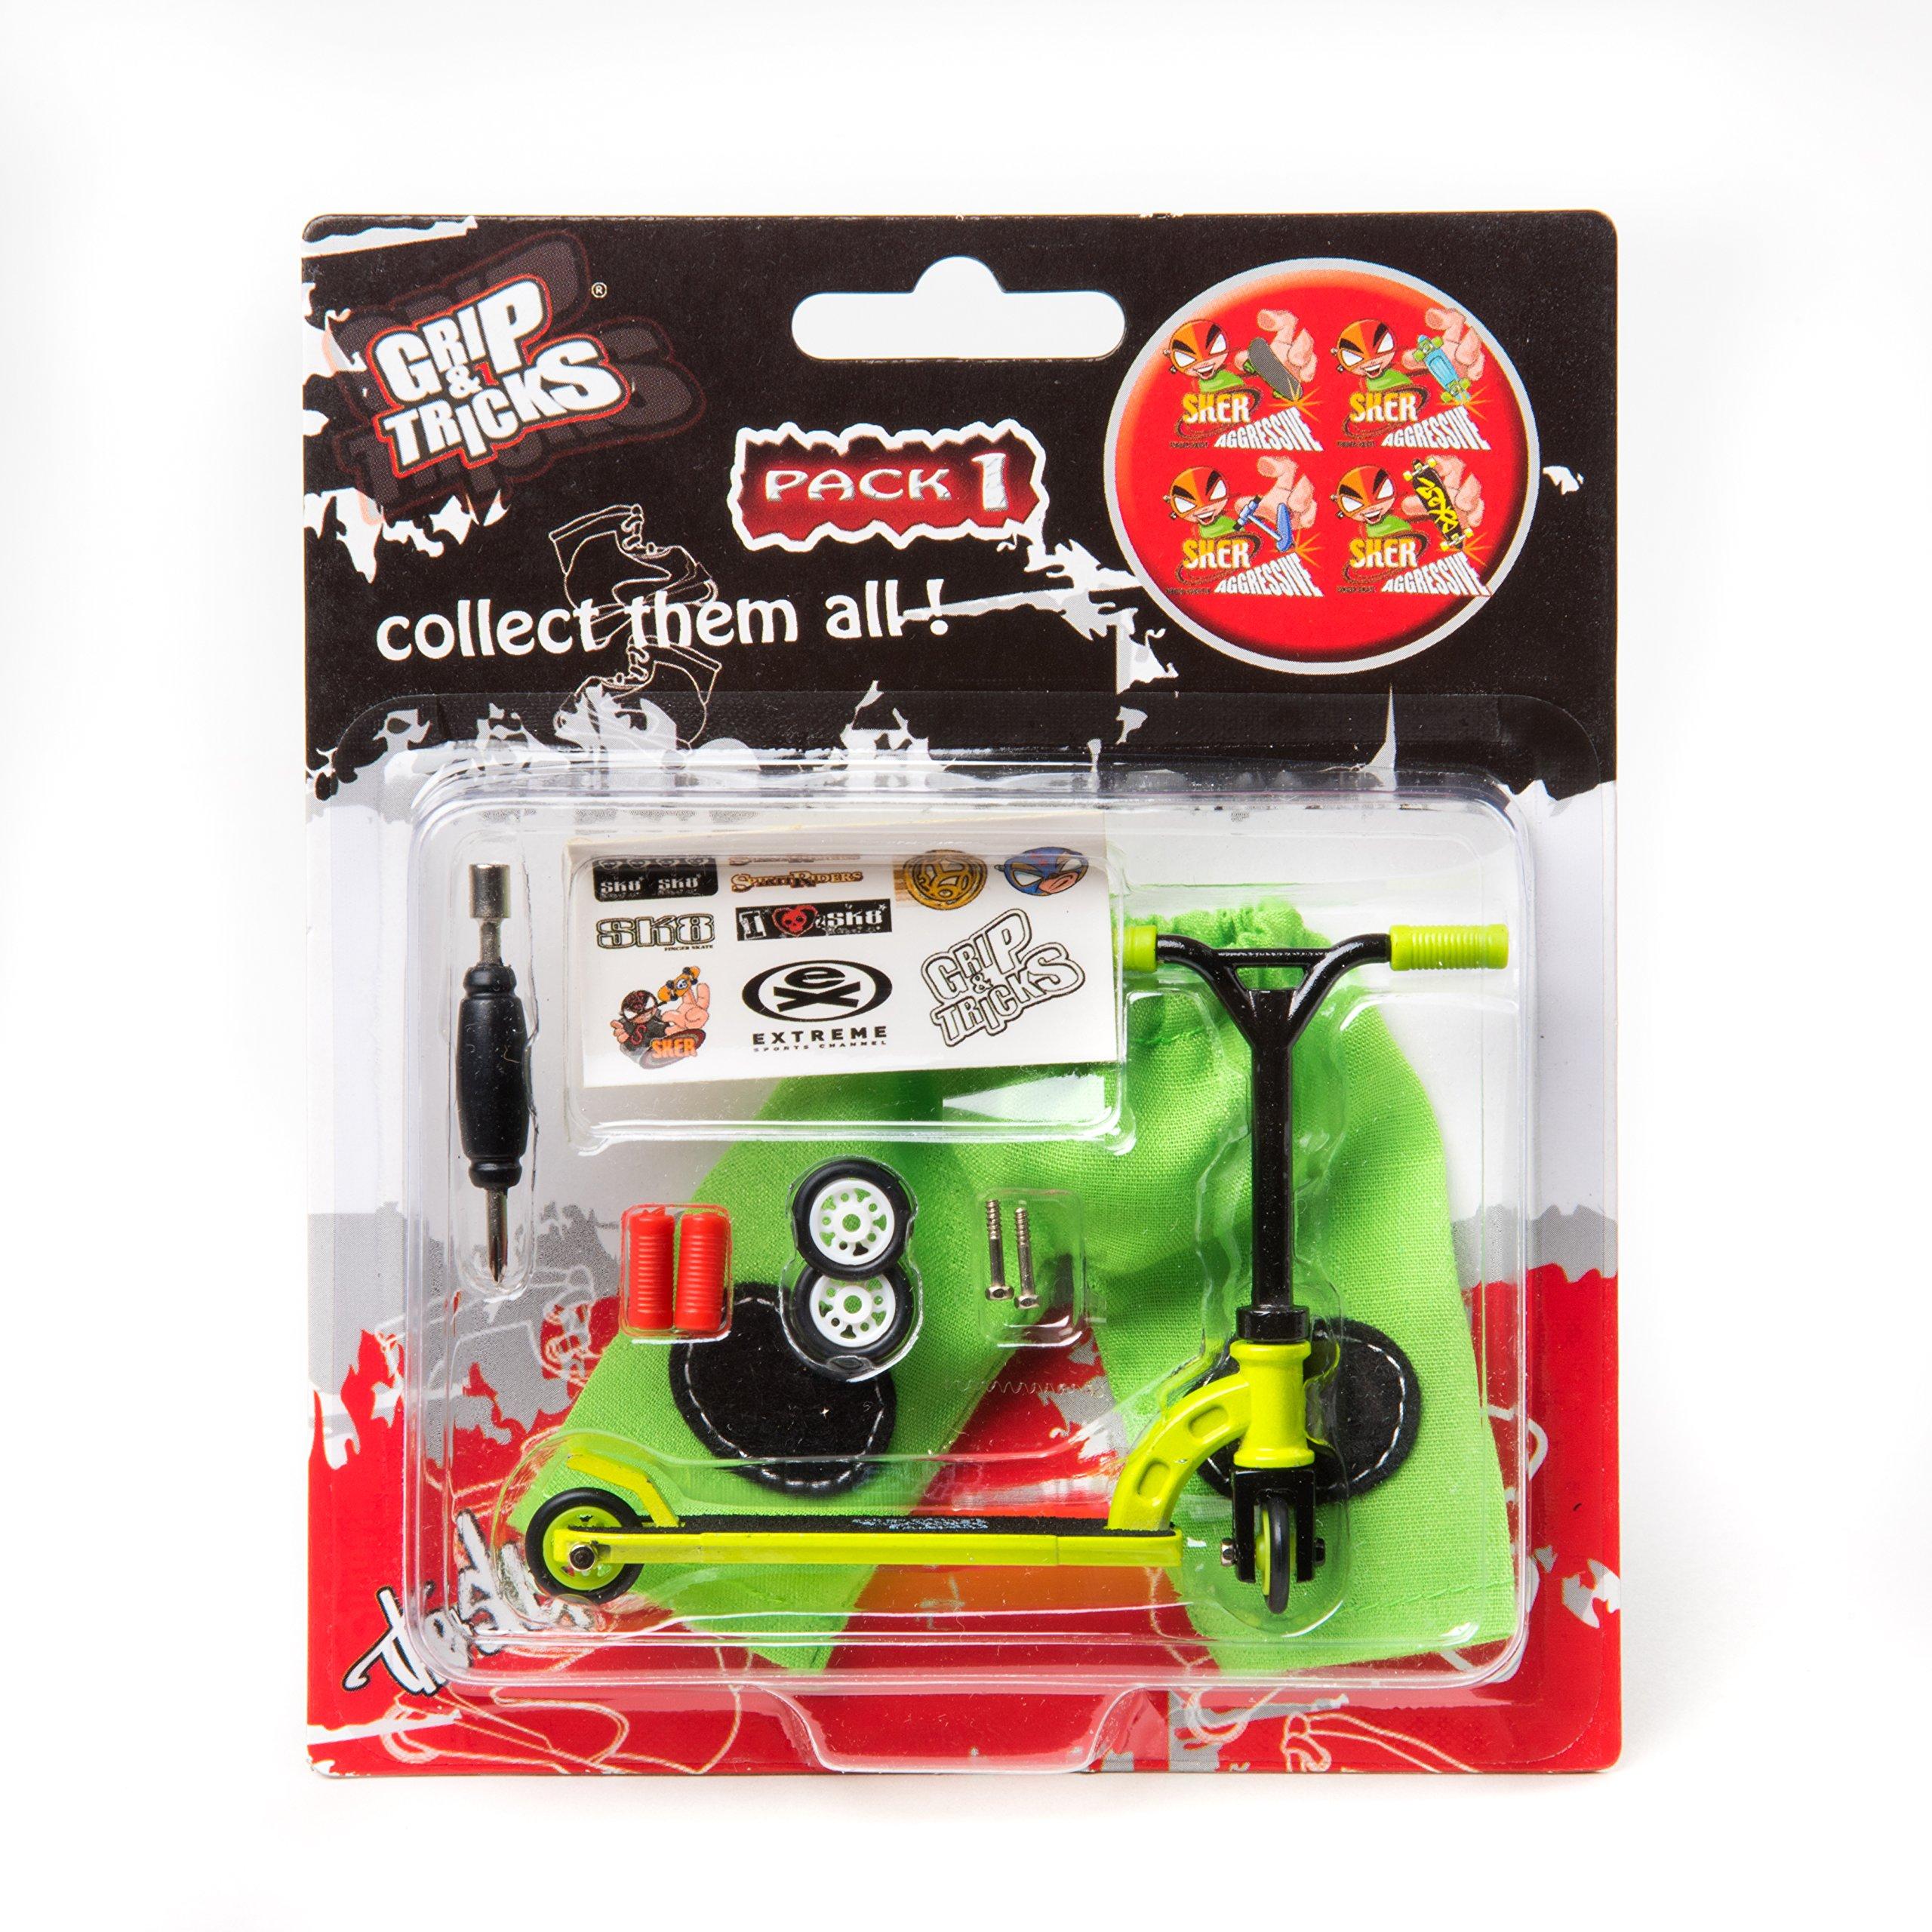 Grips & Tricks Finger Scooter Stunt Pack 1 (Green)